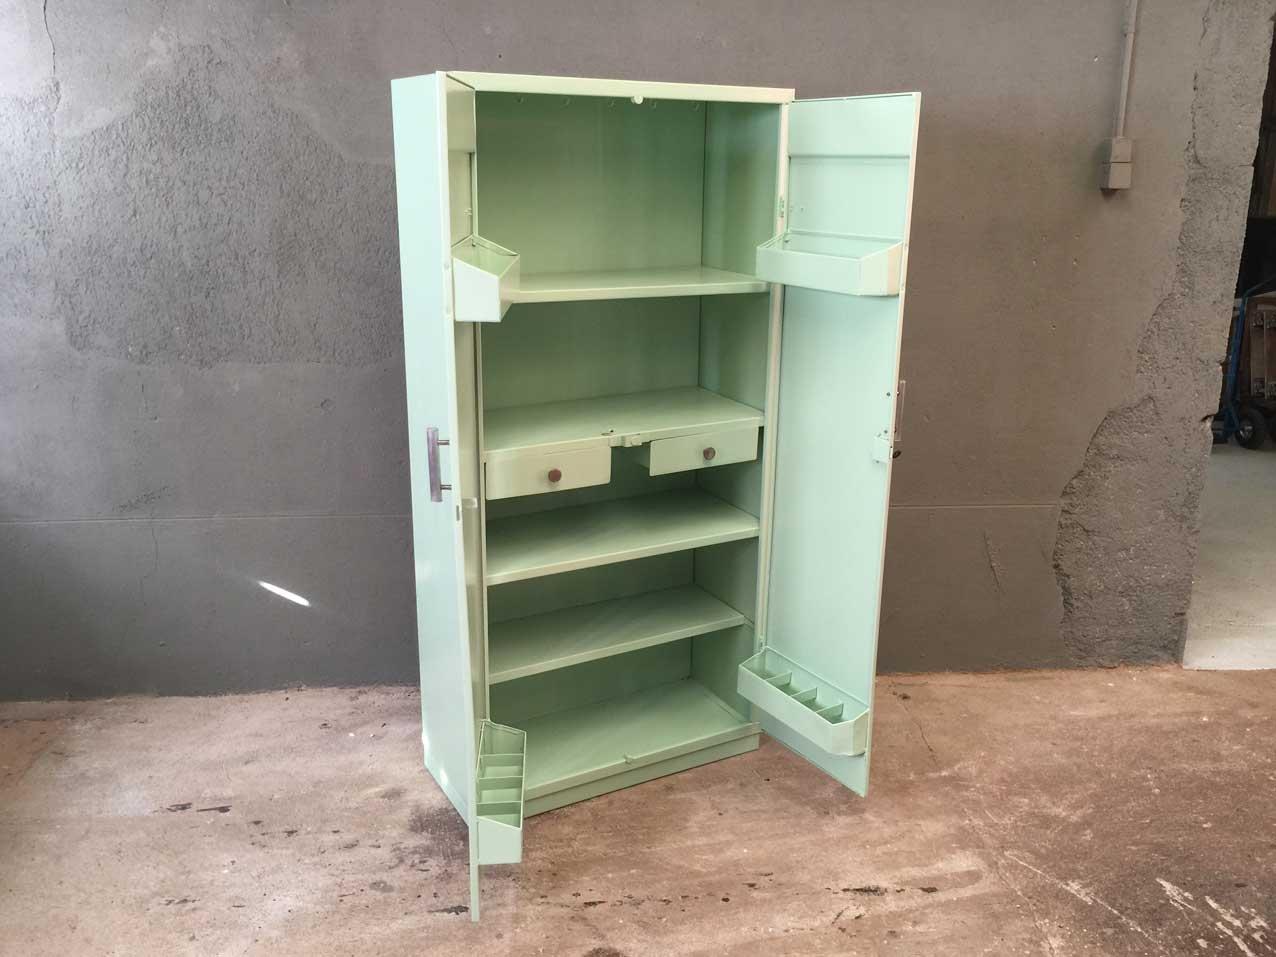 Erfreut Retro Küchenschränke Metall Bilder - Küchen Design Ideen ...